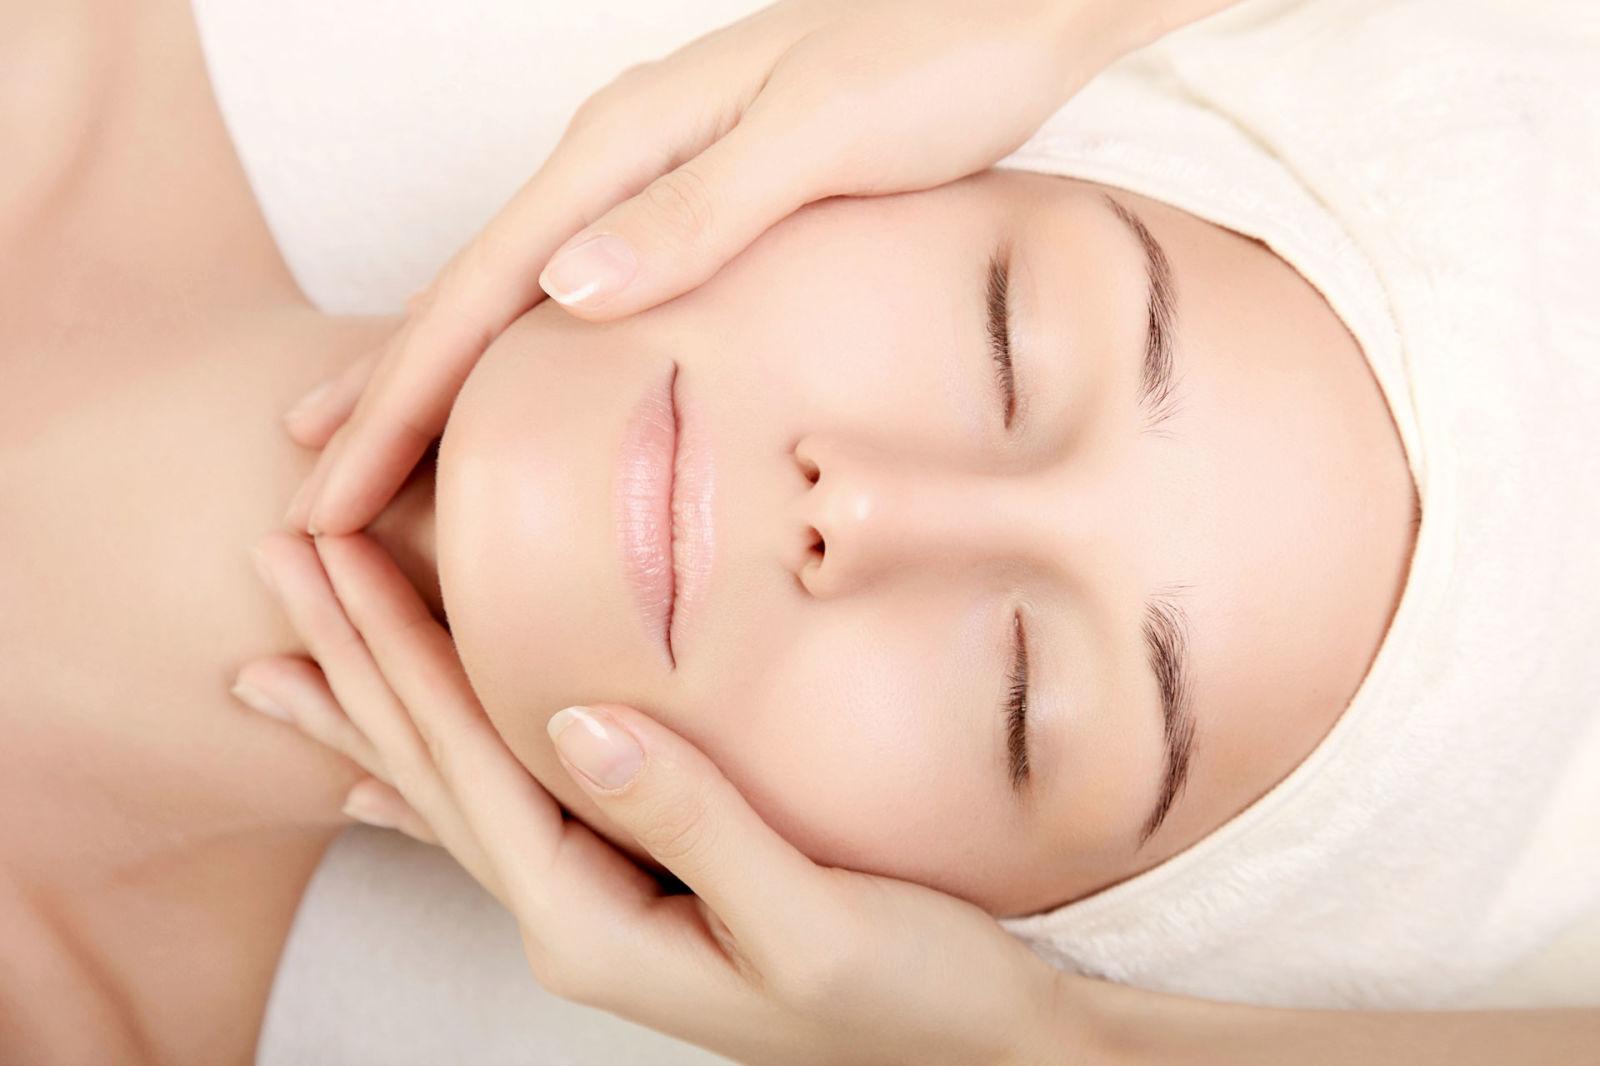 Veido masažo paslaugos